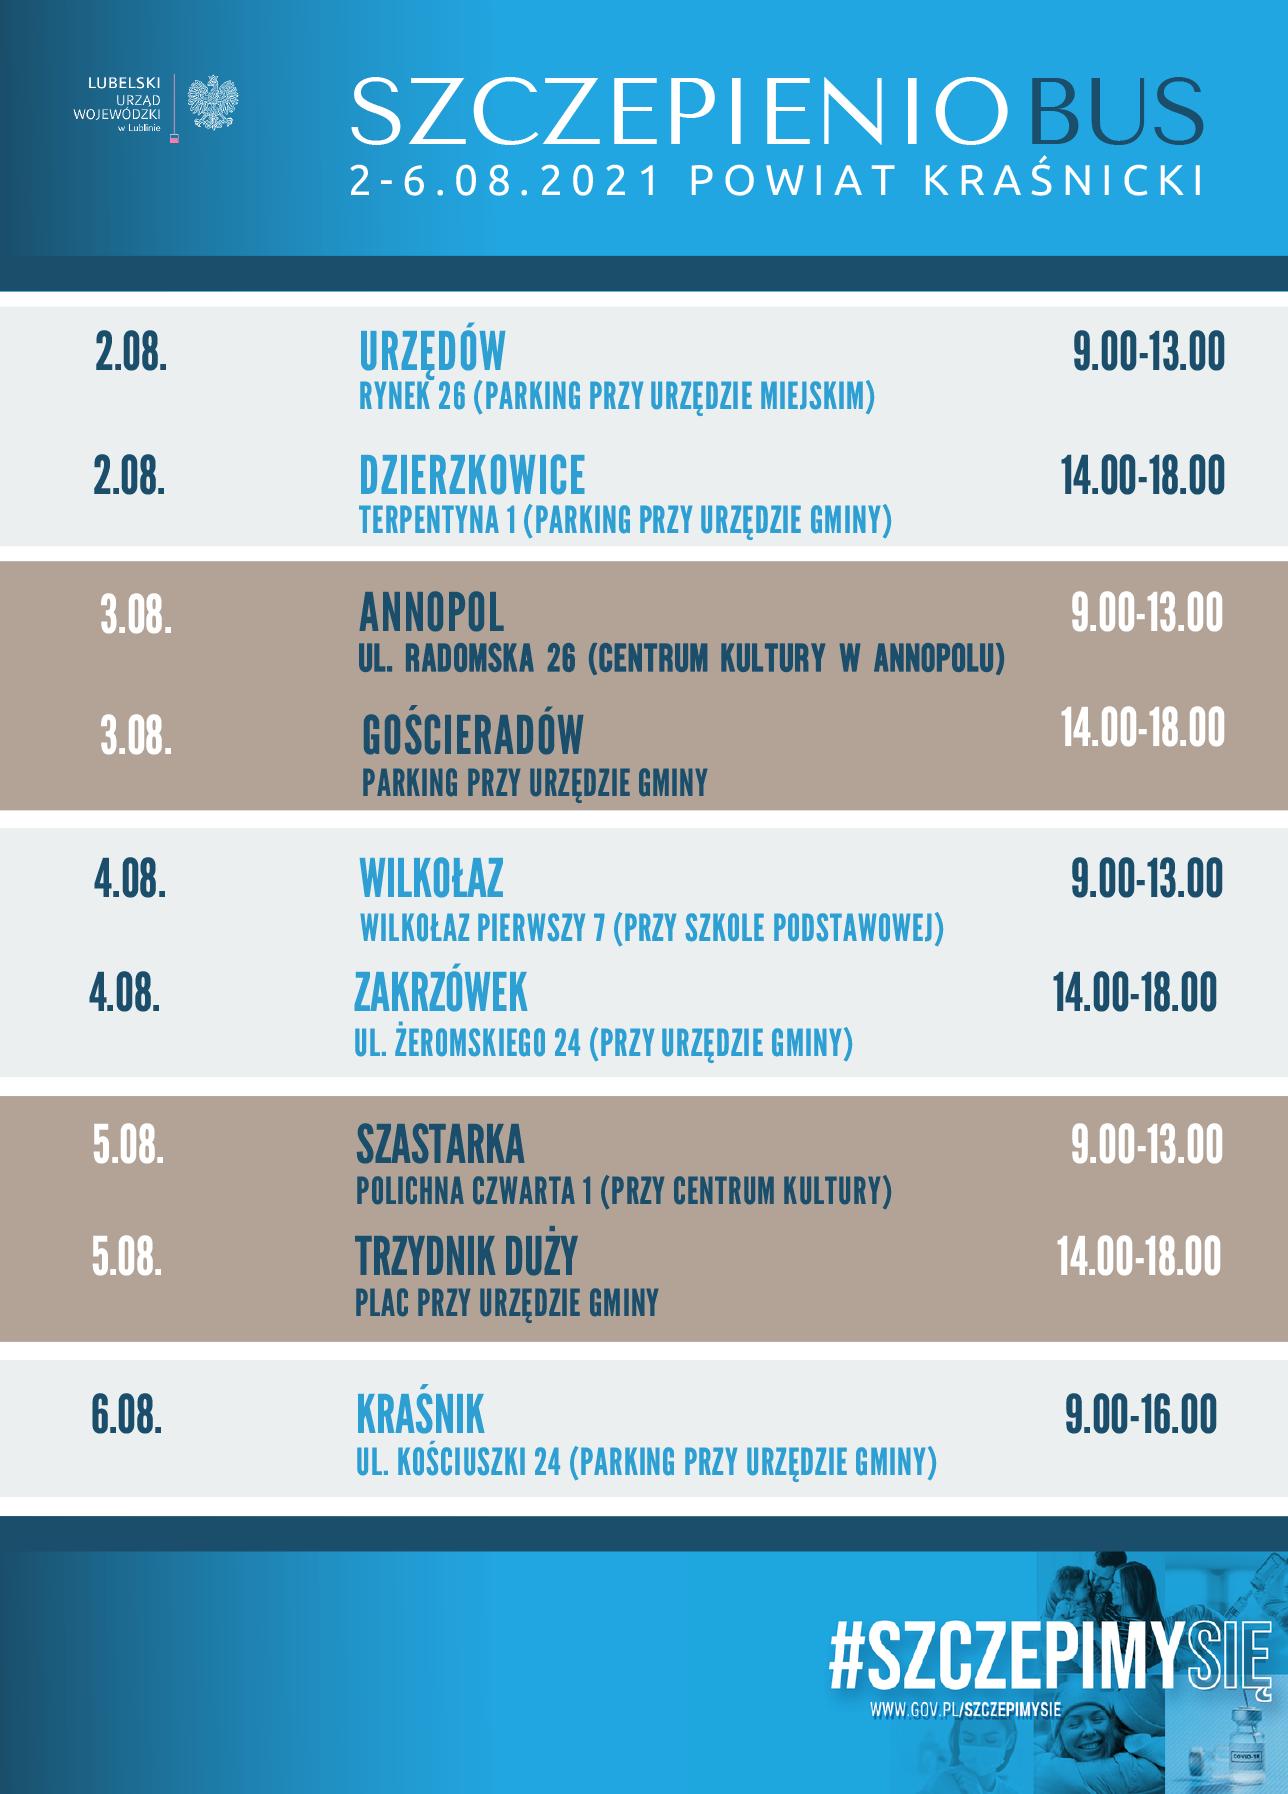 Harmonogram trasy szczepieniobusa w powiecie kraśnickim w dniach 02-06.08.2021r.